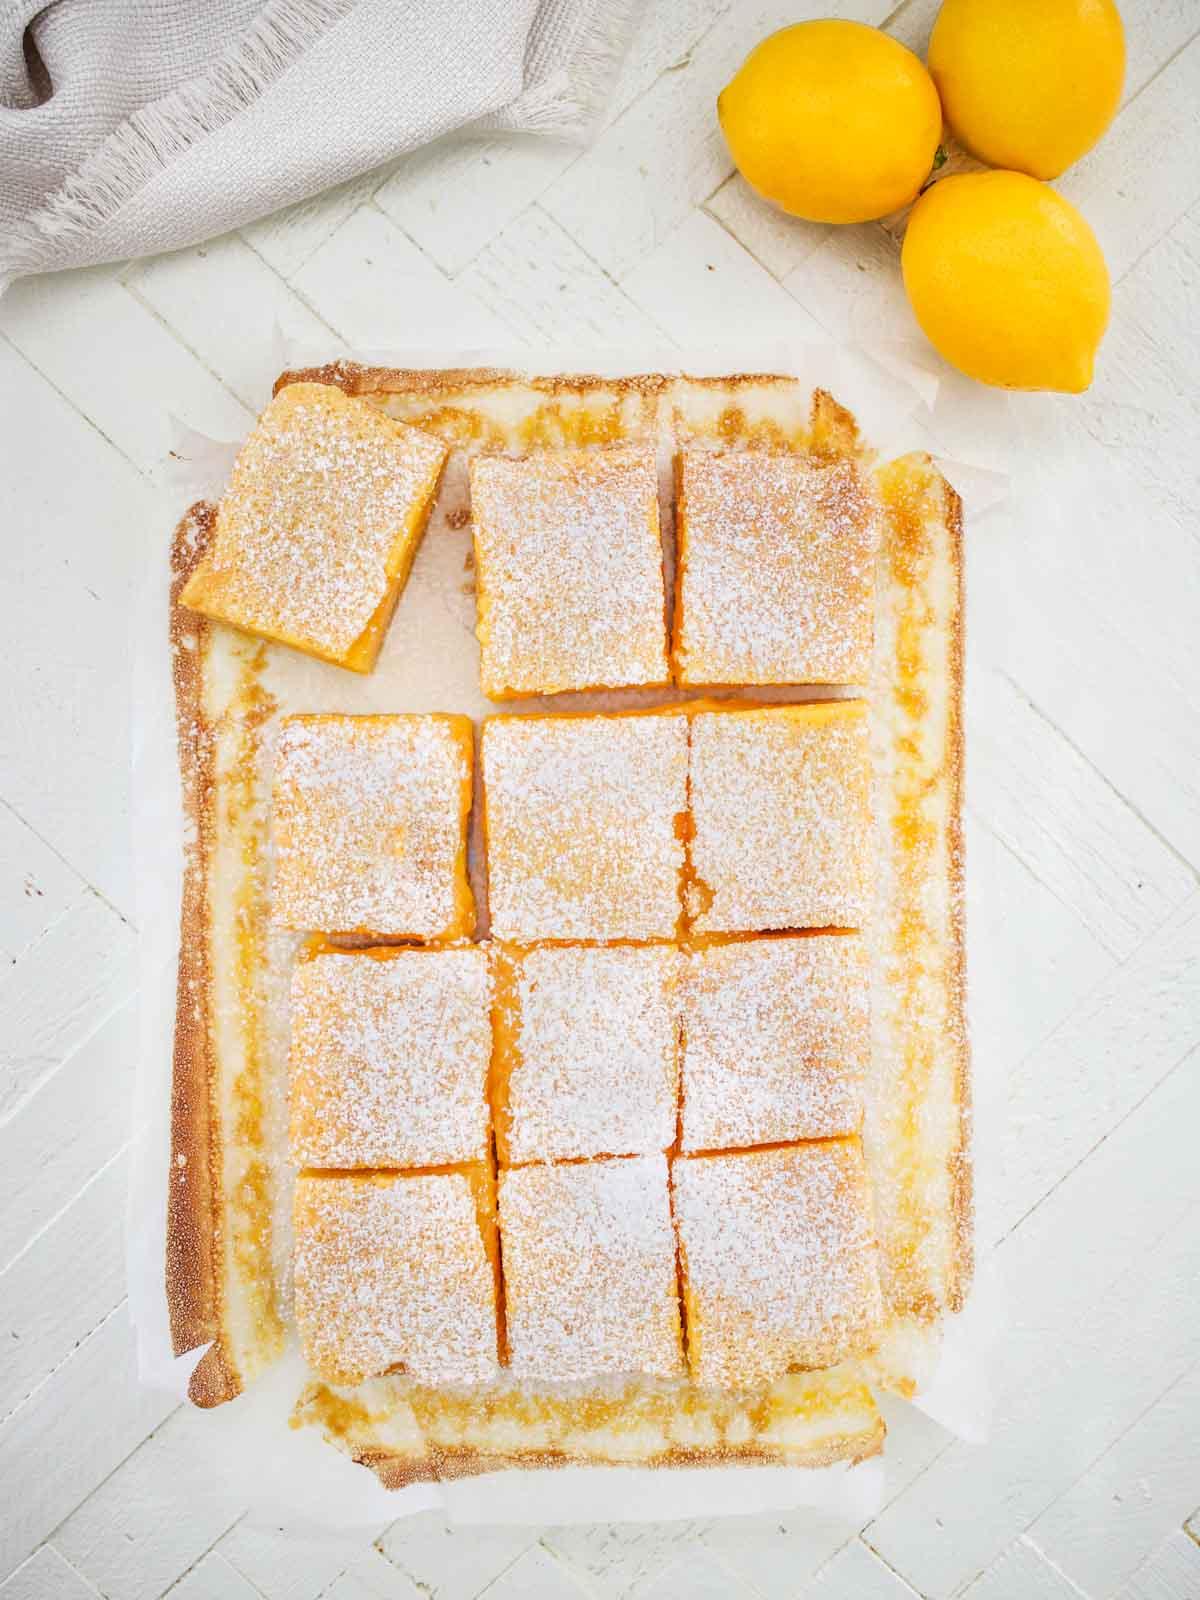 Sliced Lemon Bars